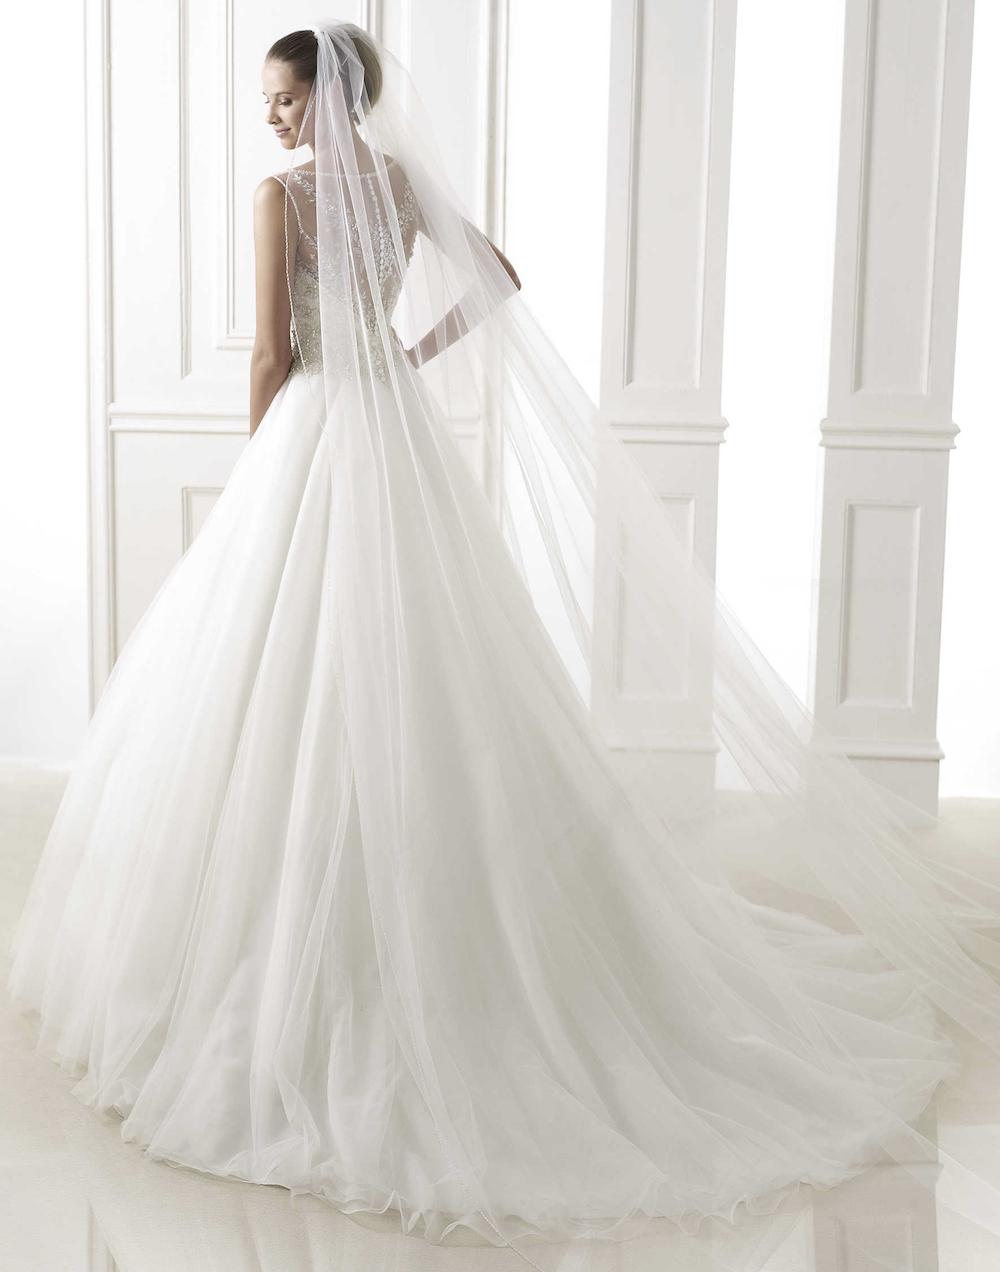 LOOKandLOVEwithLOLO: Pronovias 2015 Glamour Colección Nupcial